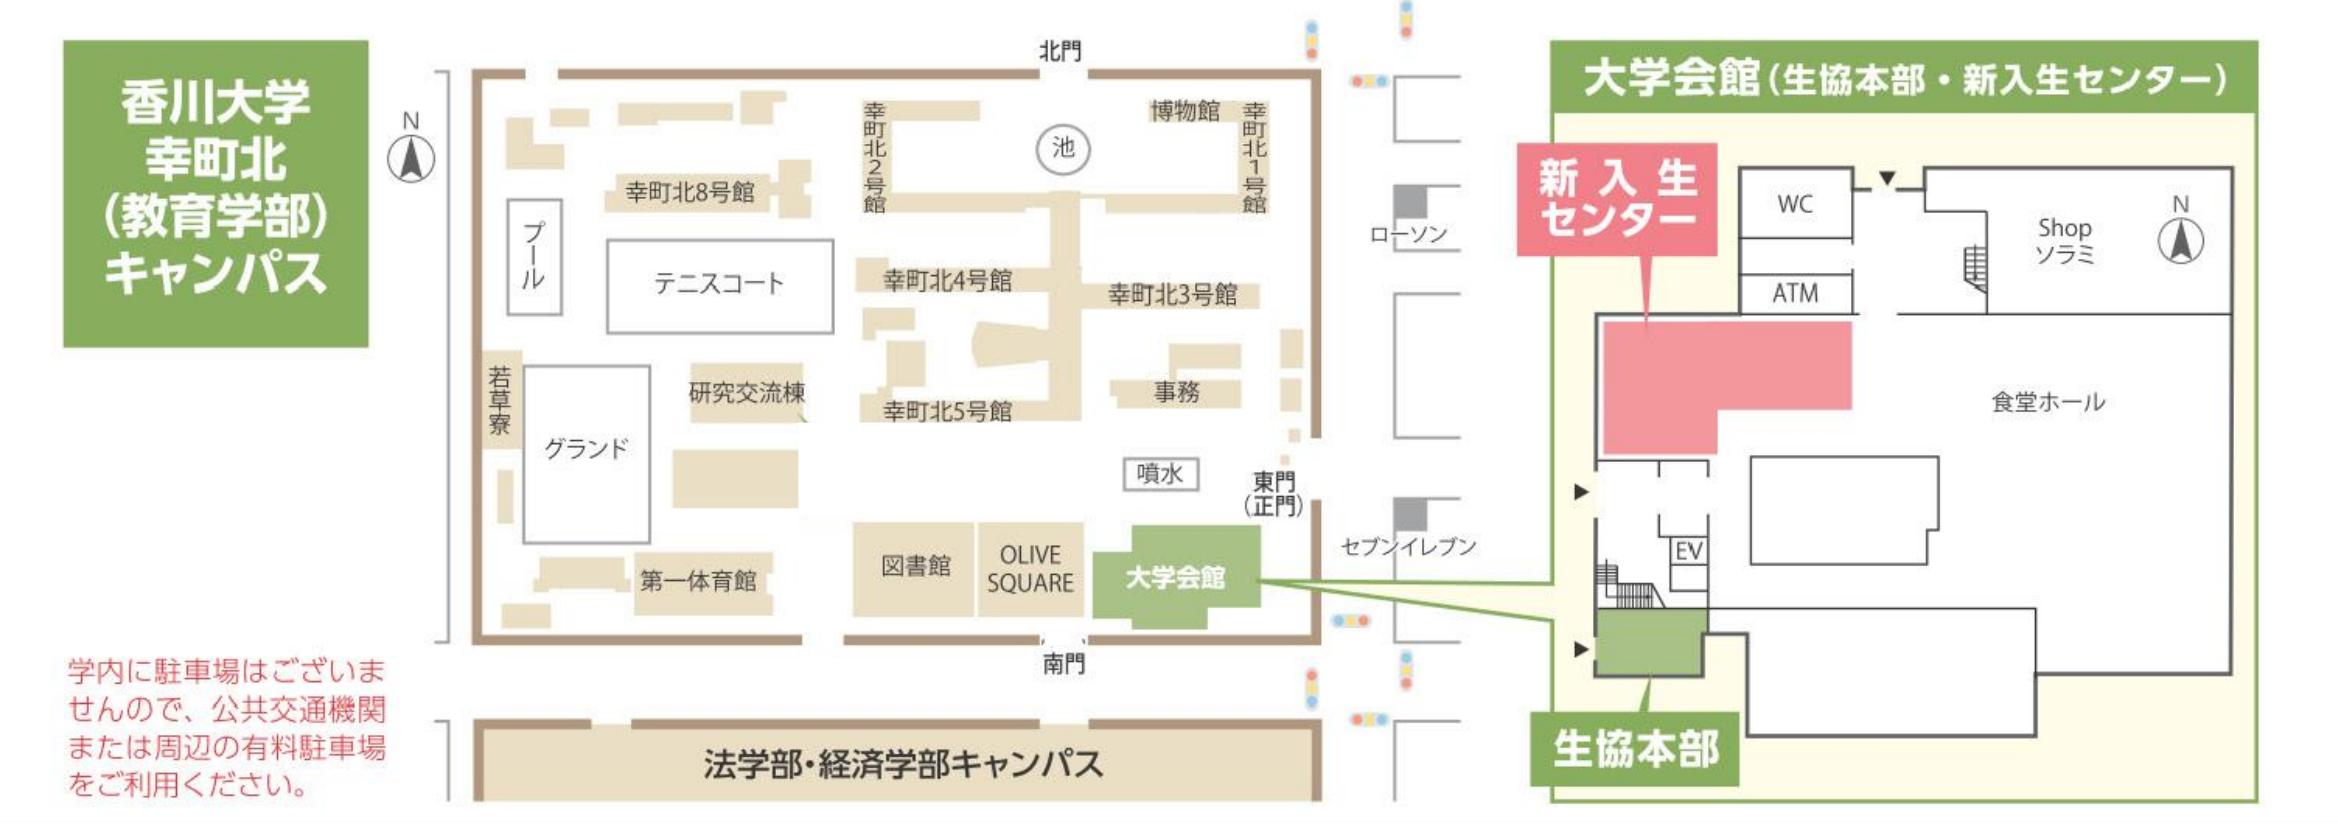 Kagawa_map02